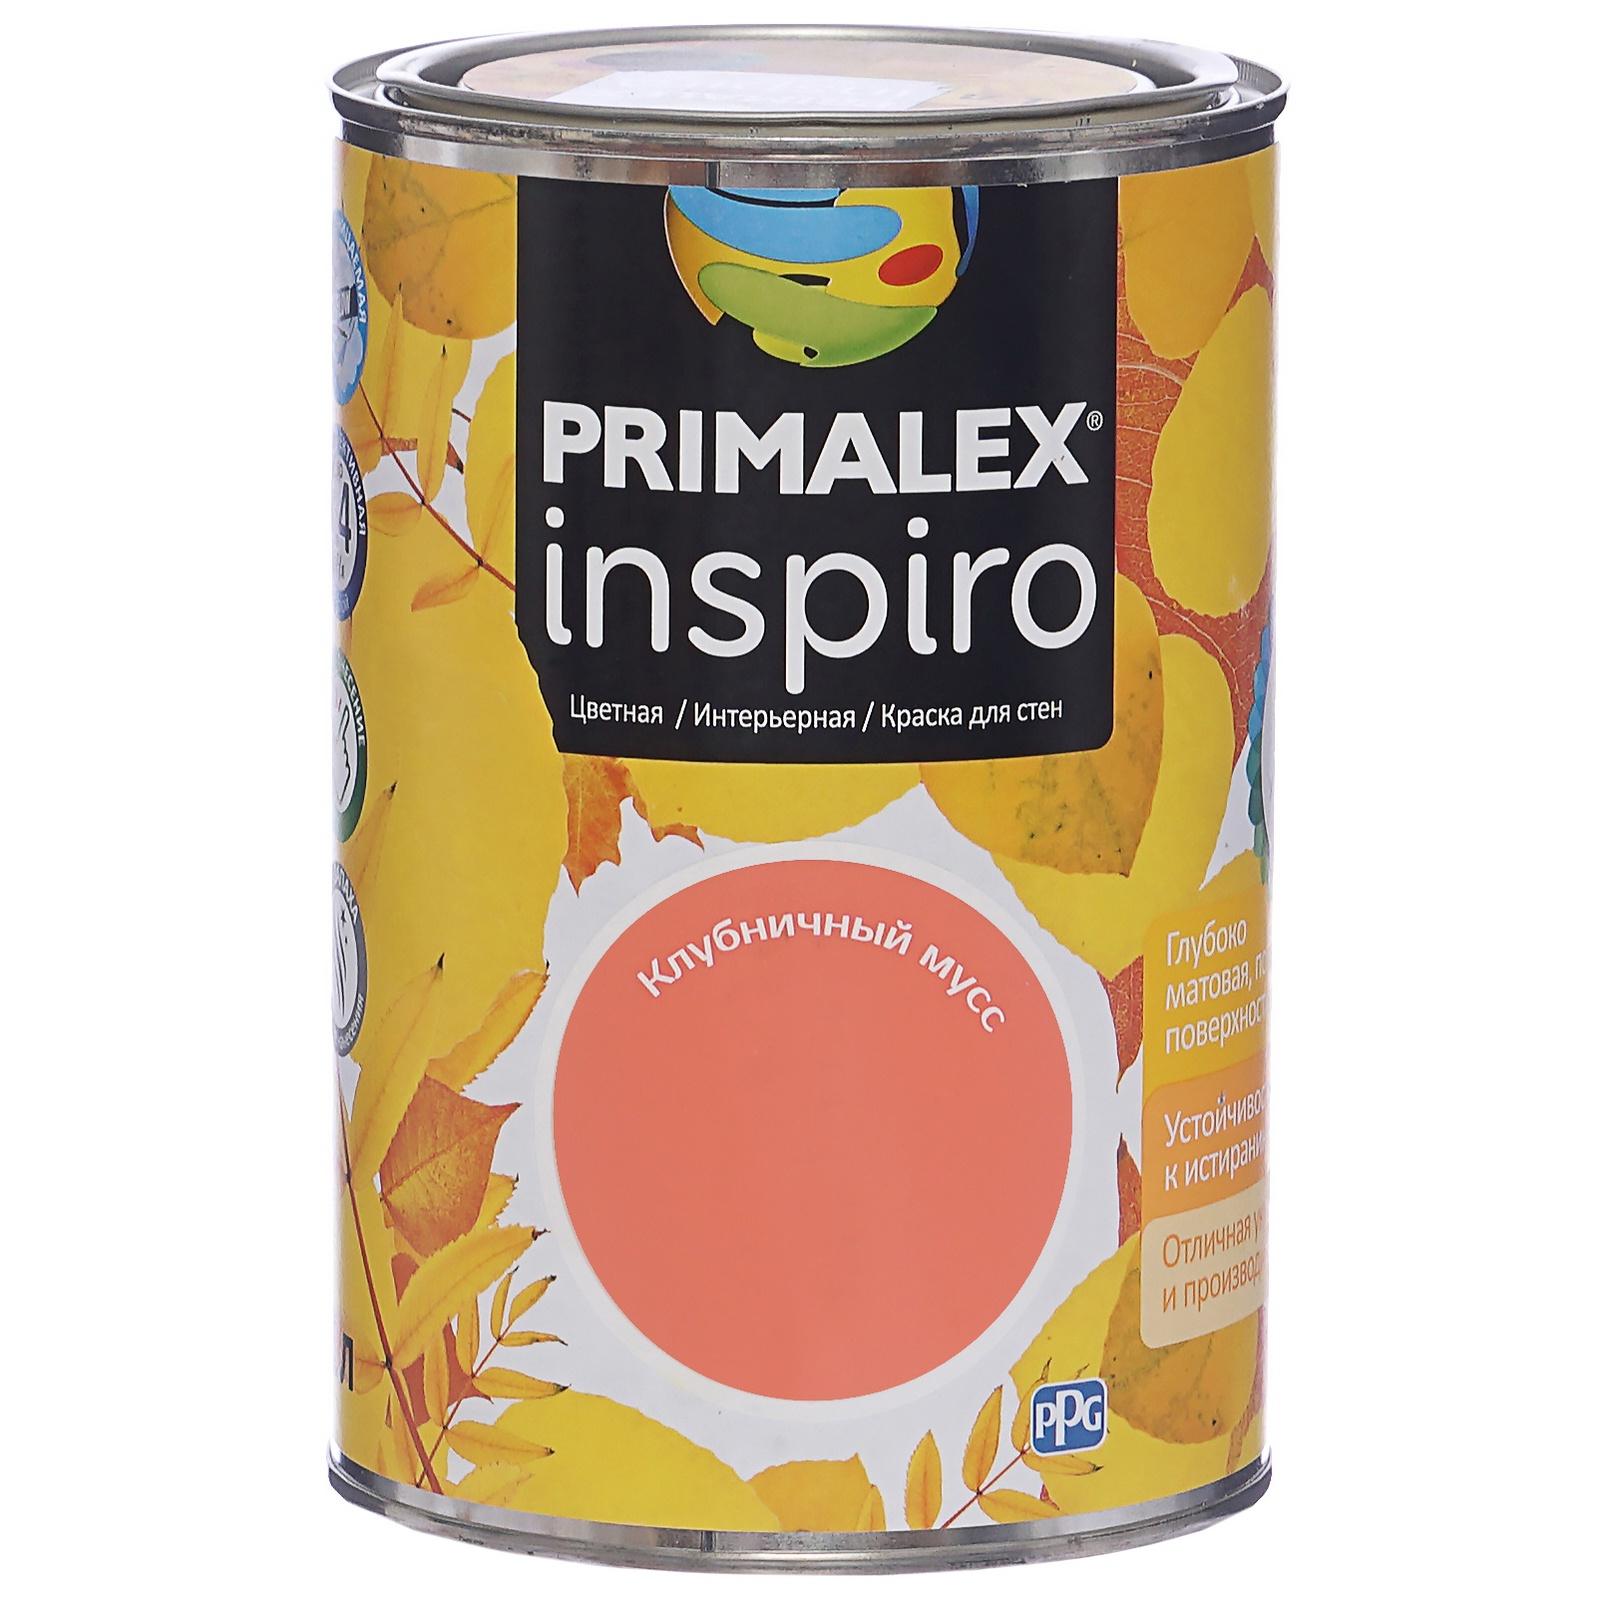 Краска PPG Primalex Inspiro Клубничный Мусс 1л, 420160